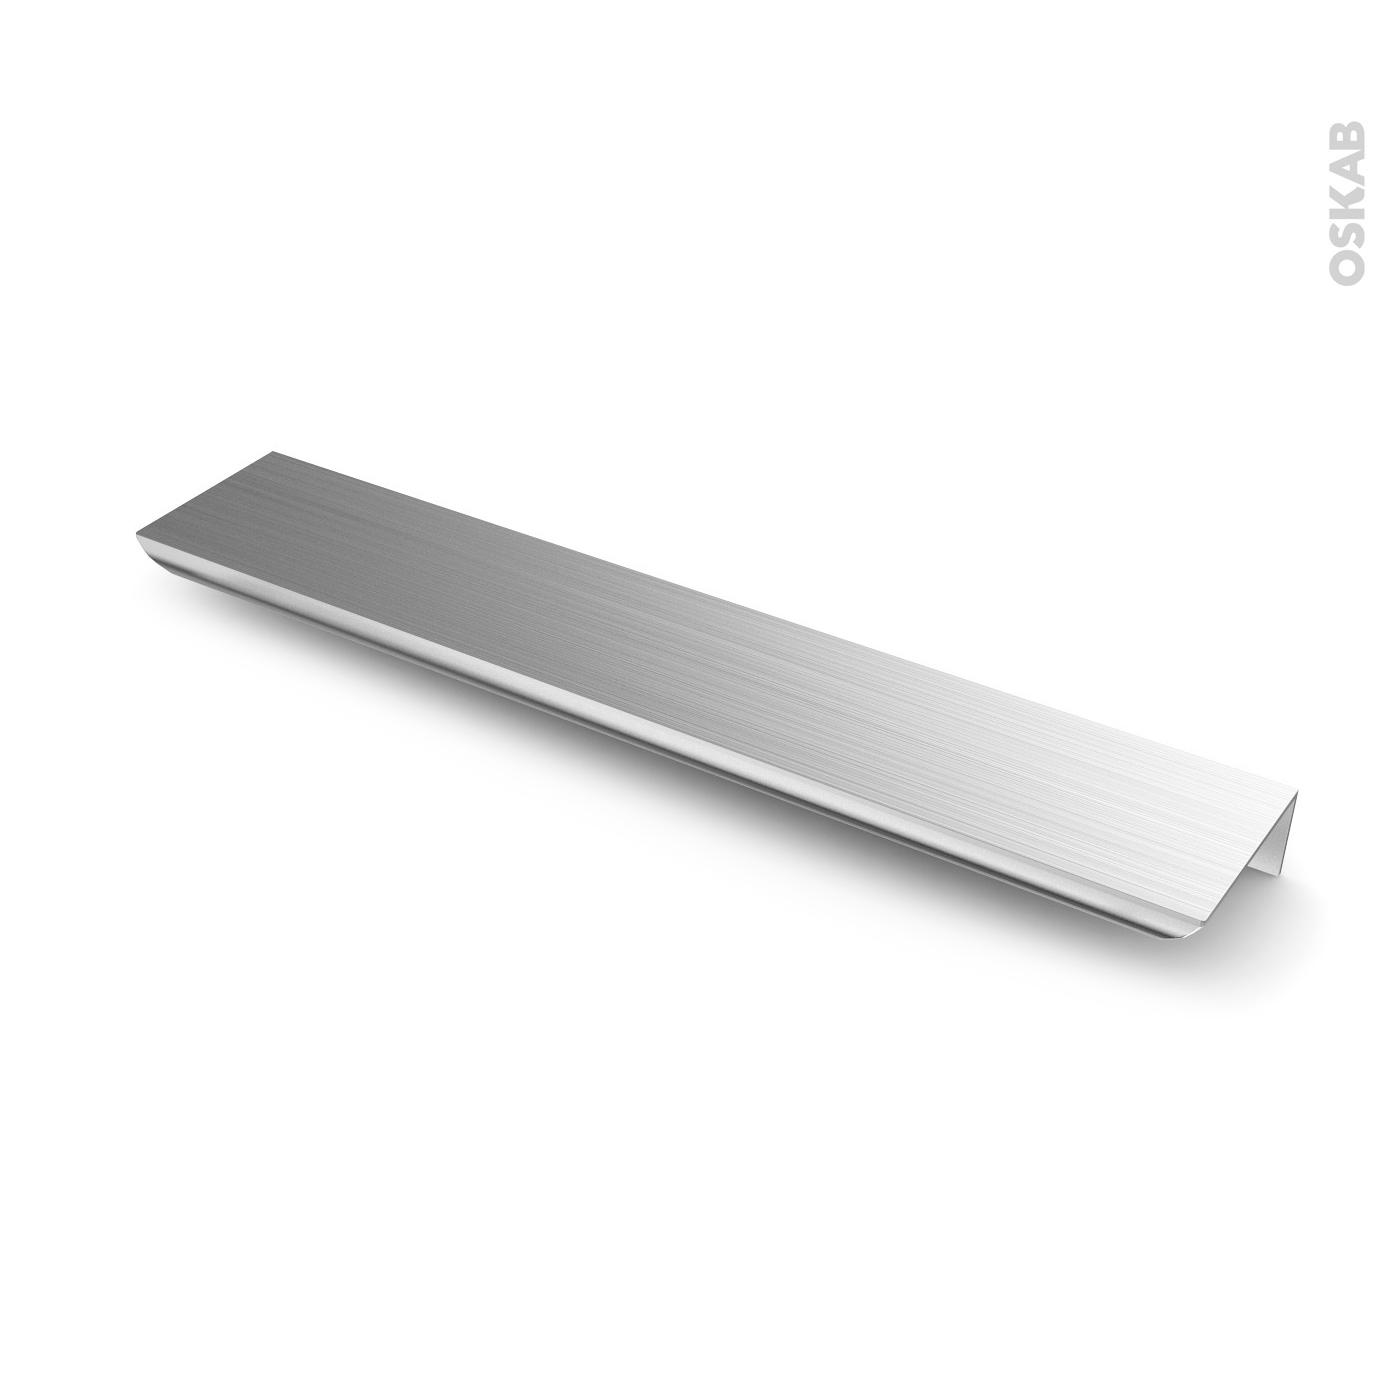 poignée de meuble de cuisine n°11 inox brossé 22 cm entraxe 192 mm